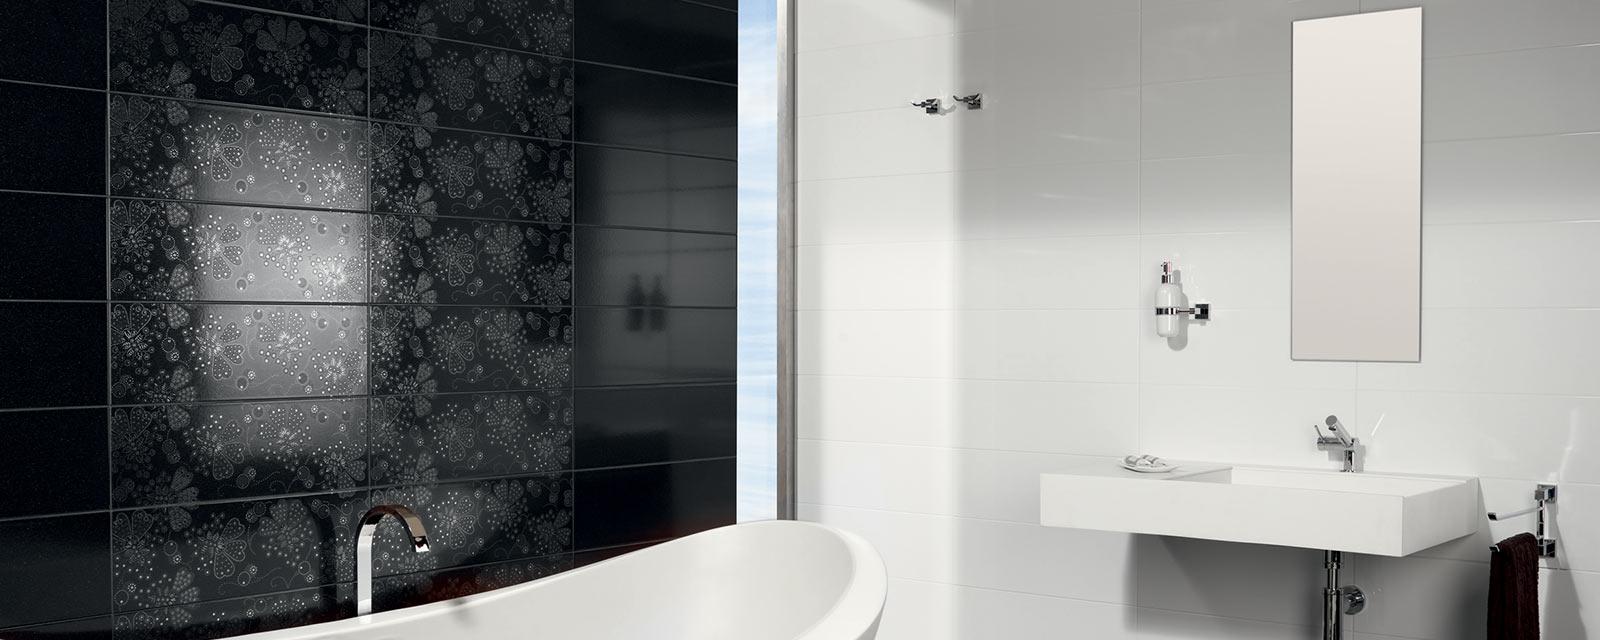 carrelage noir dans une salle de bains